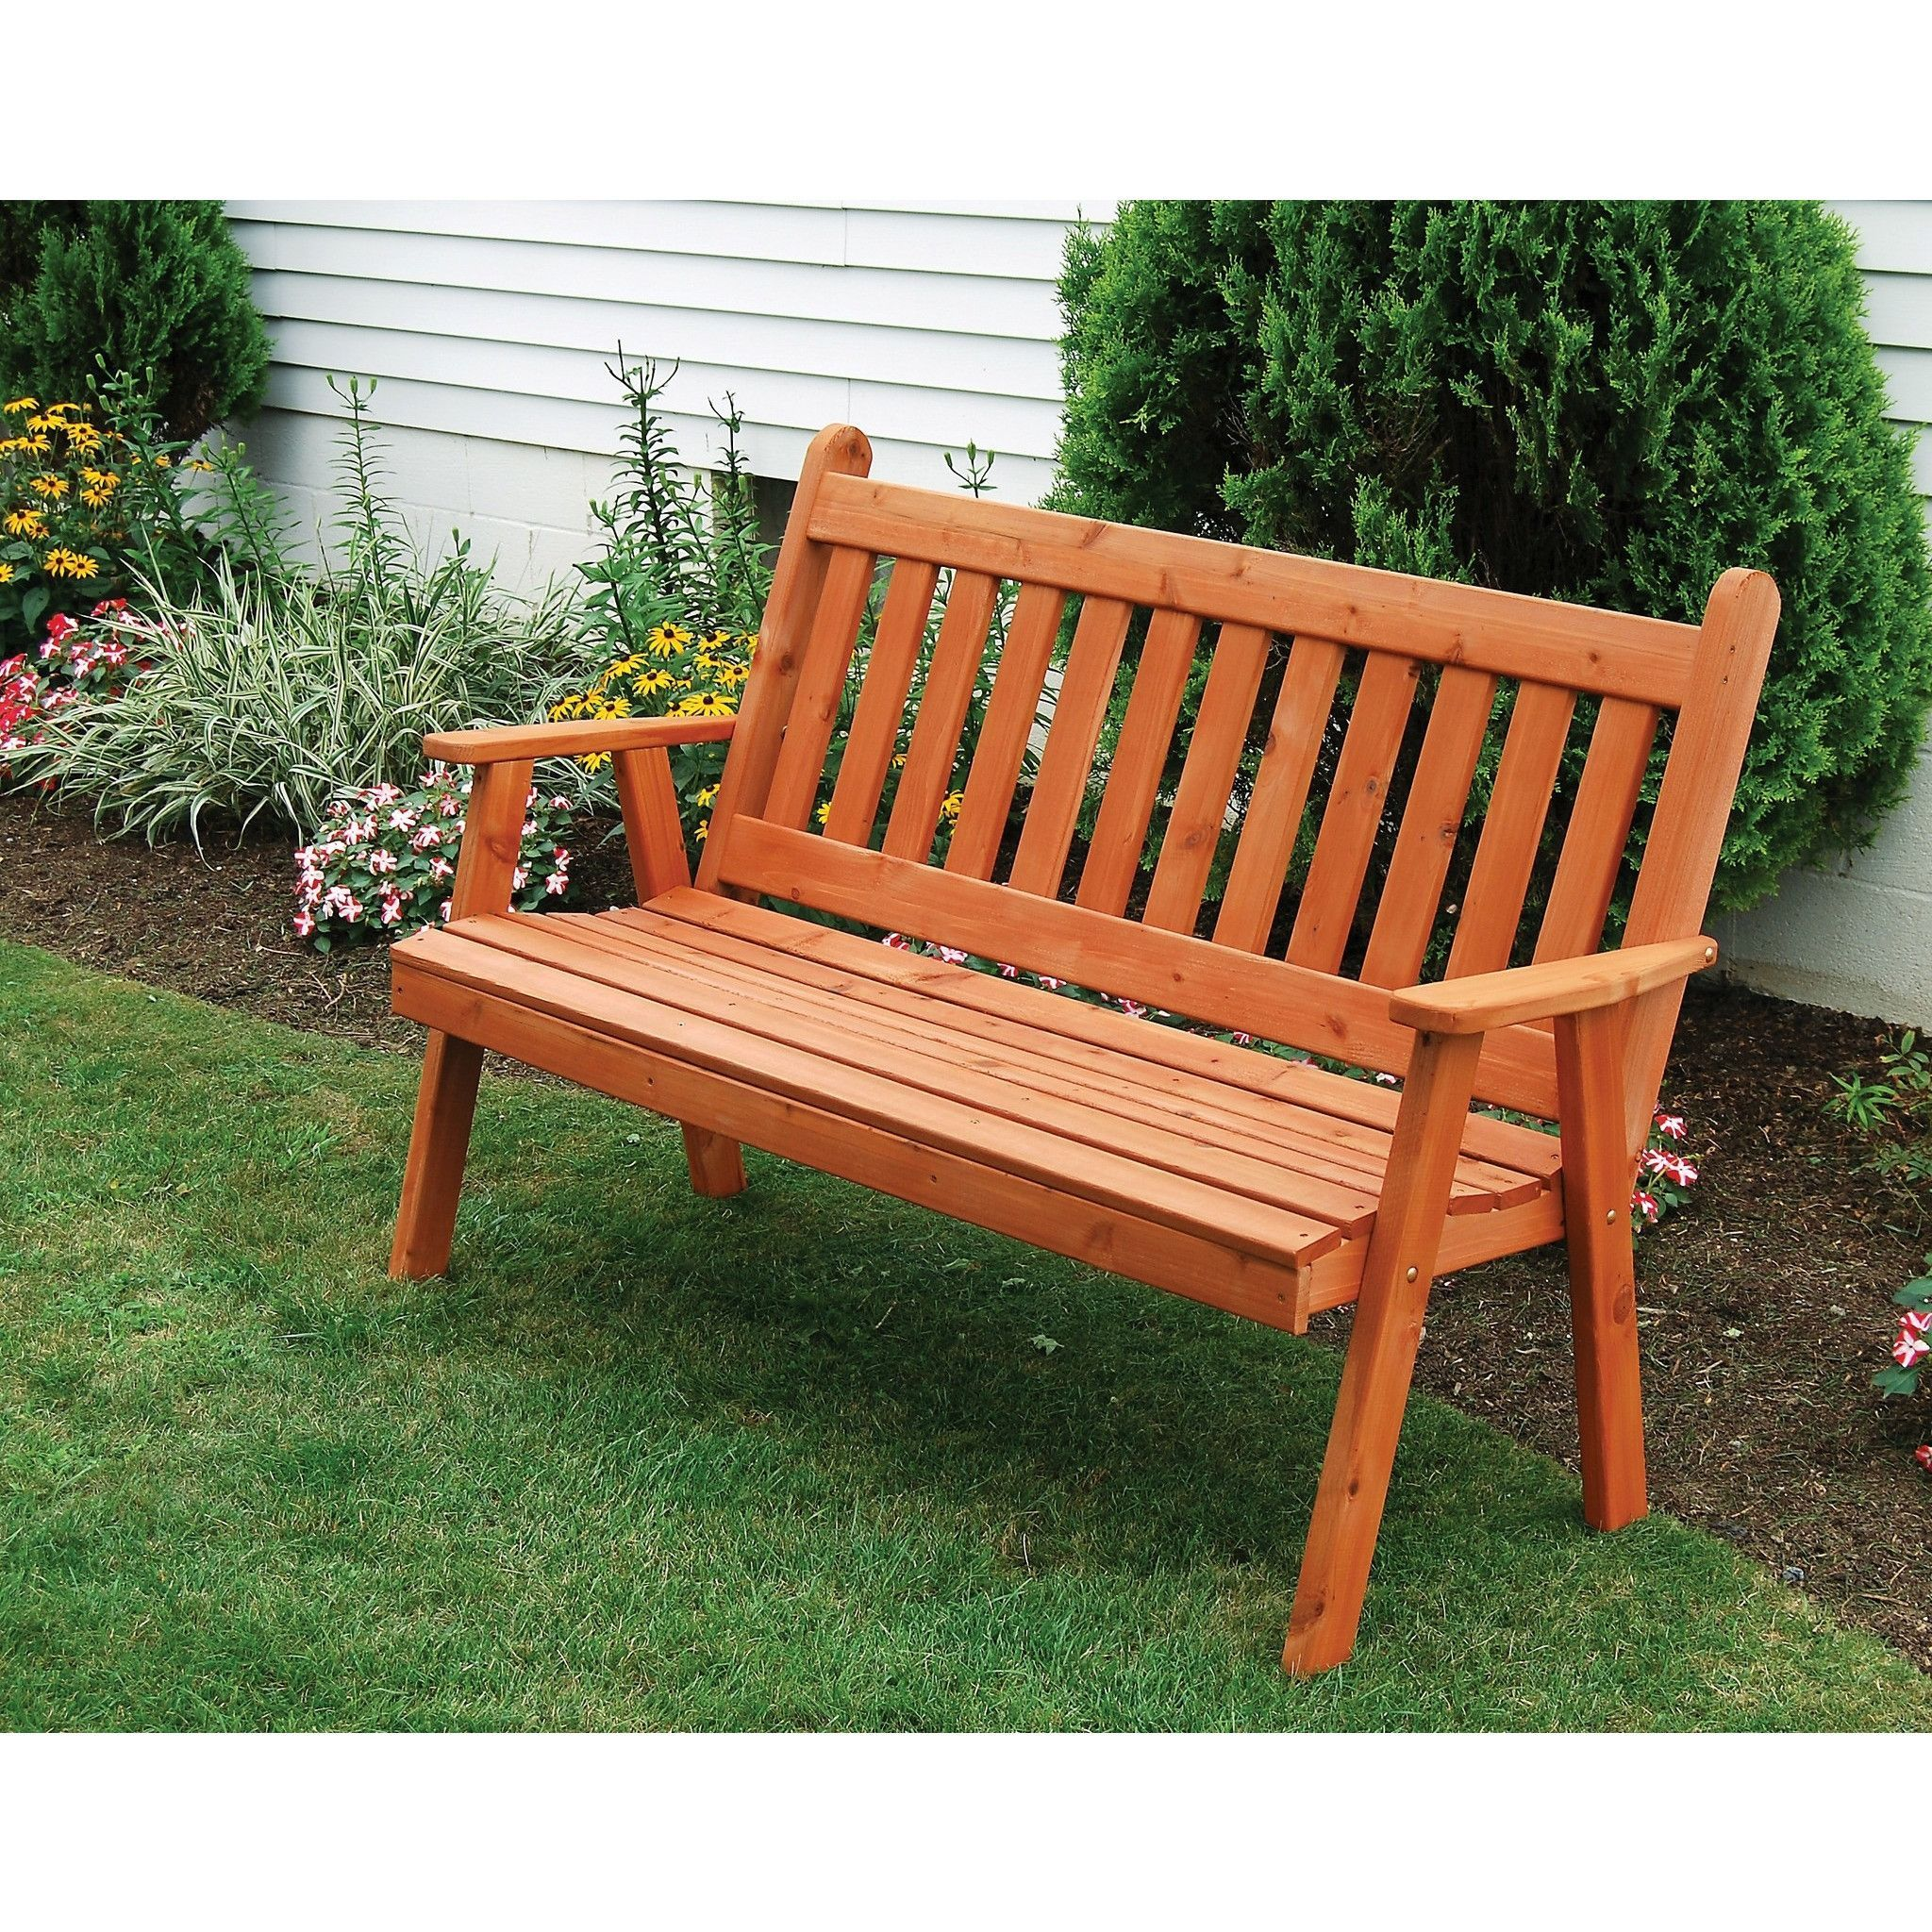 A traditional english garden bench